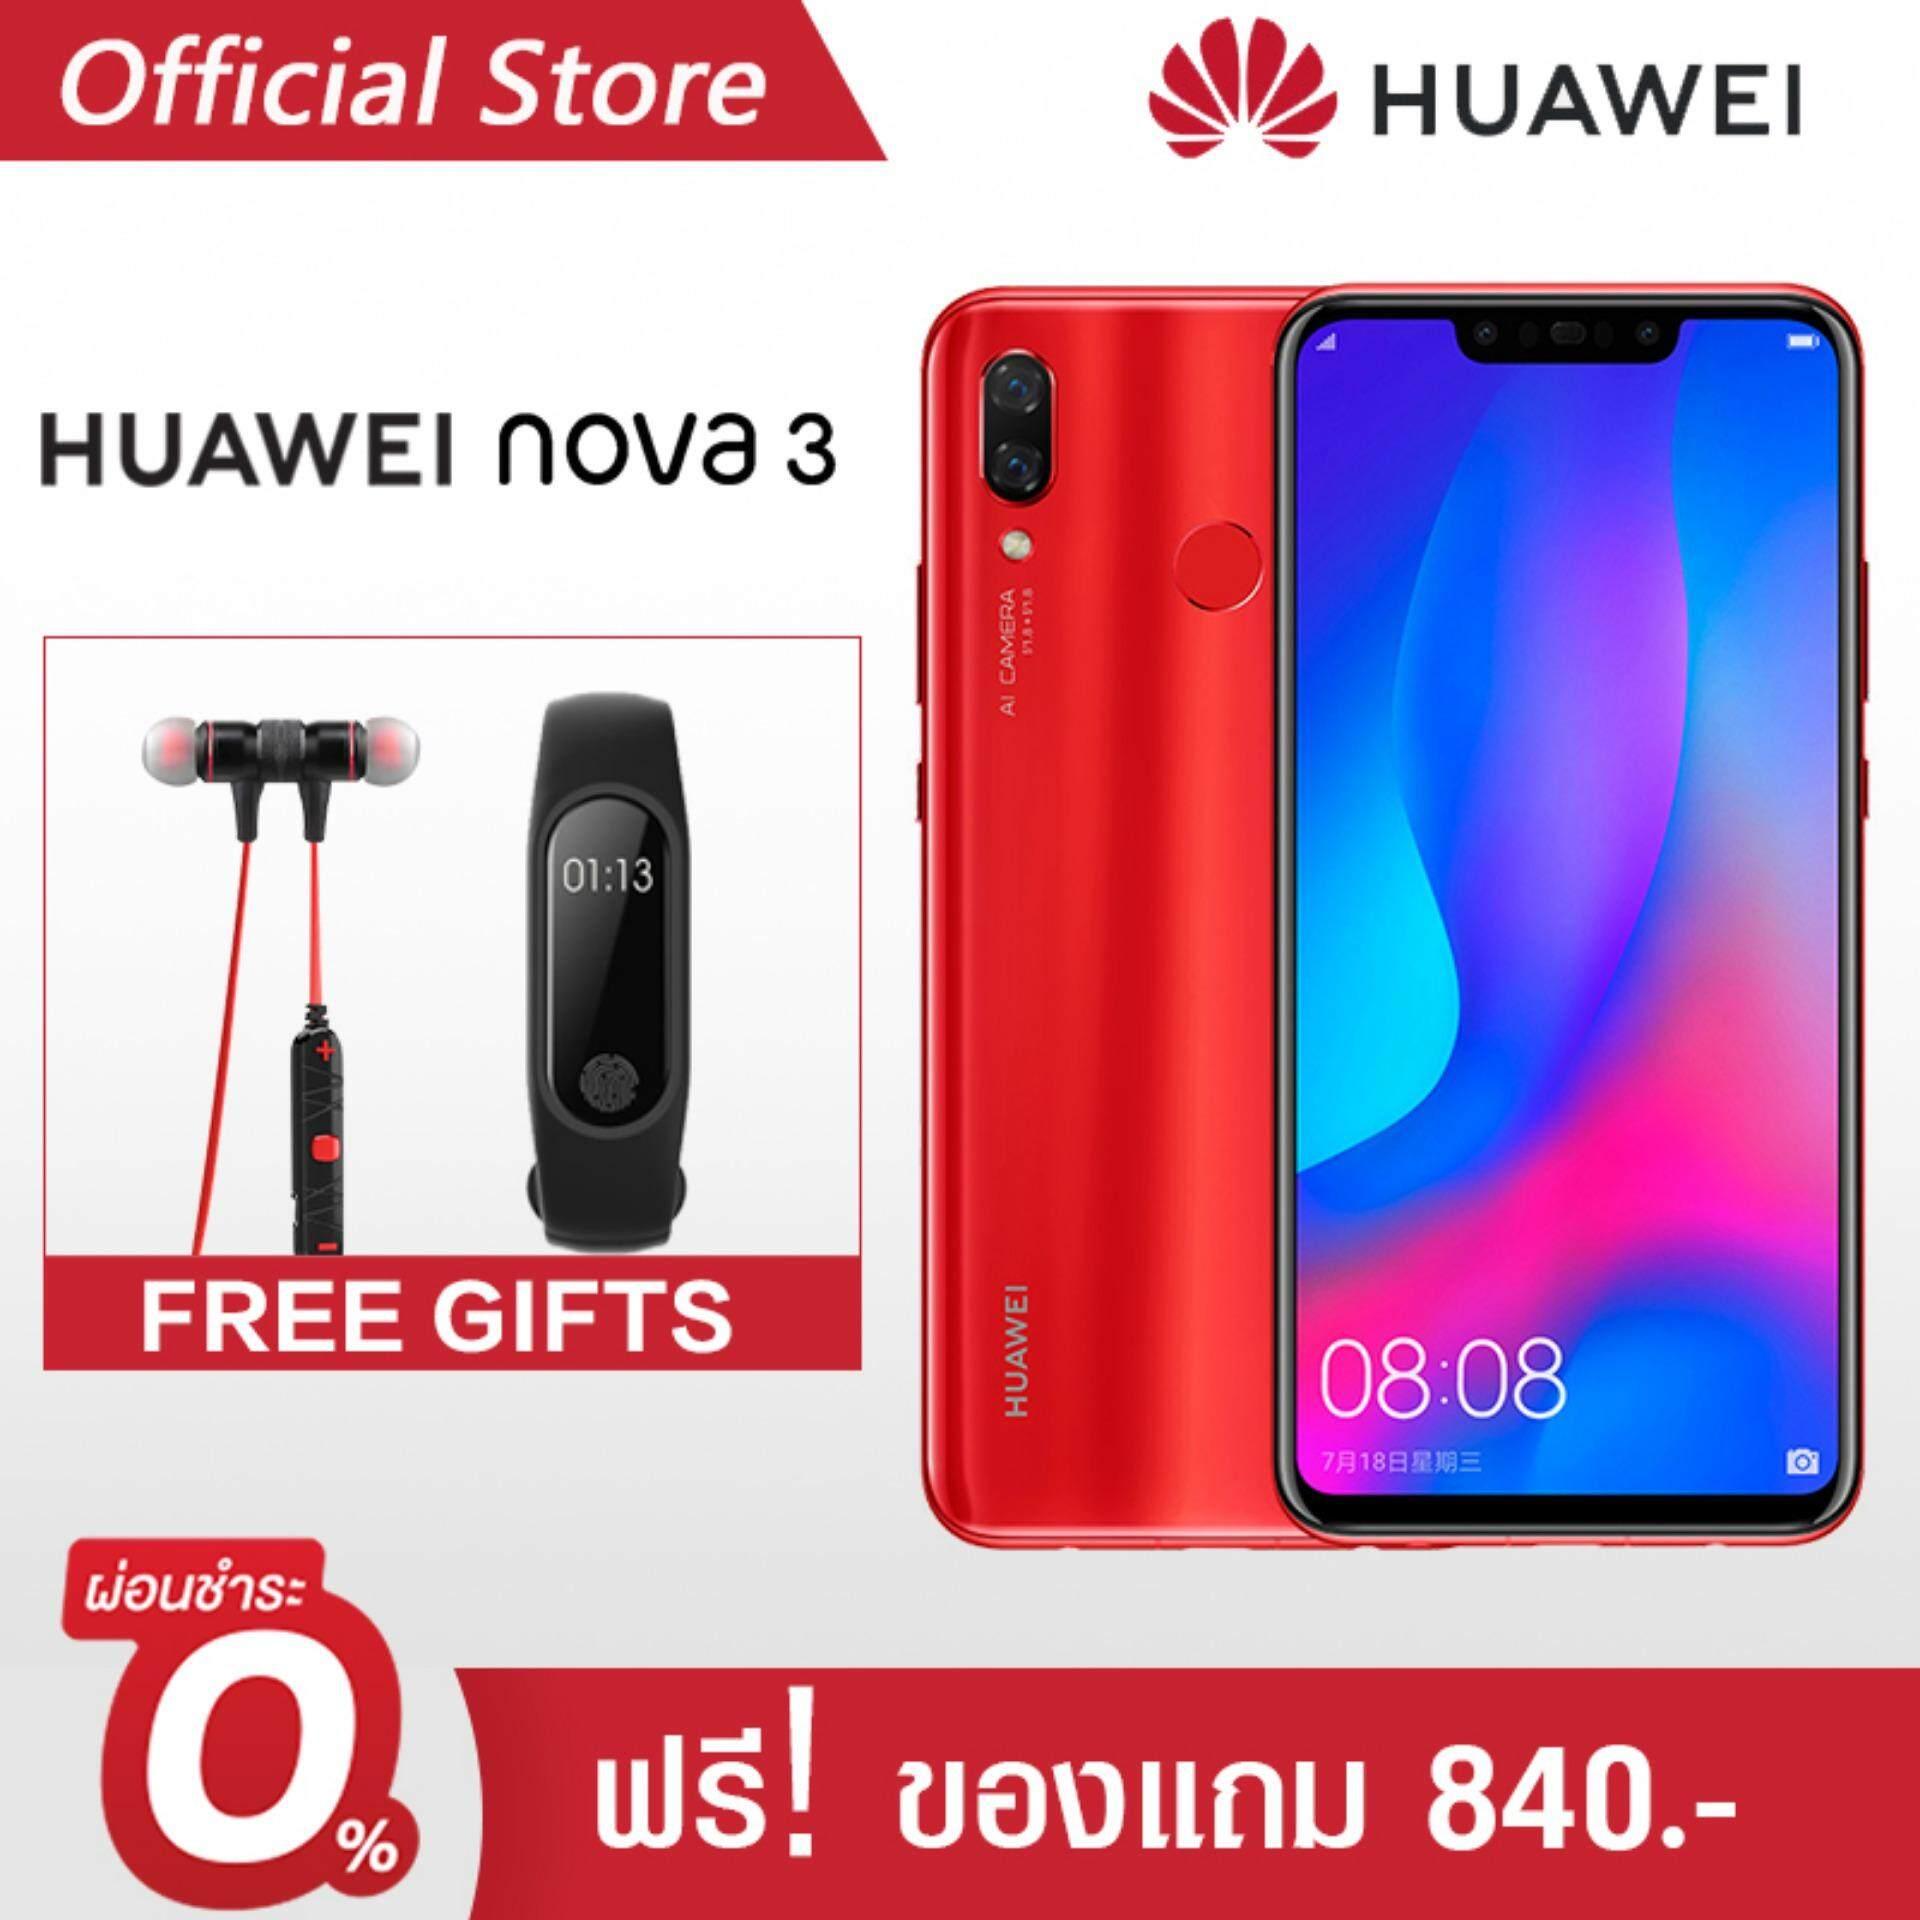 [ผ่อน 0% 10 เดือน + Free Gifts] Huawei Nova 3 *6 GB /128 GB  4 กล้อง พร้อม AI*พร้อมของแถม Awei headset+M2 Sports Band*